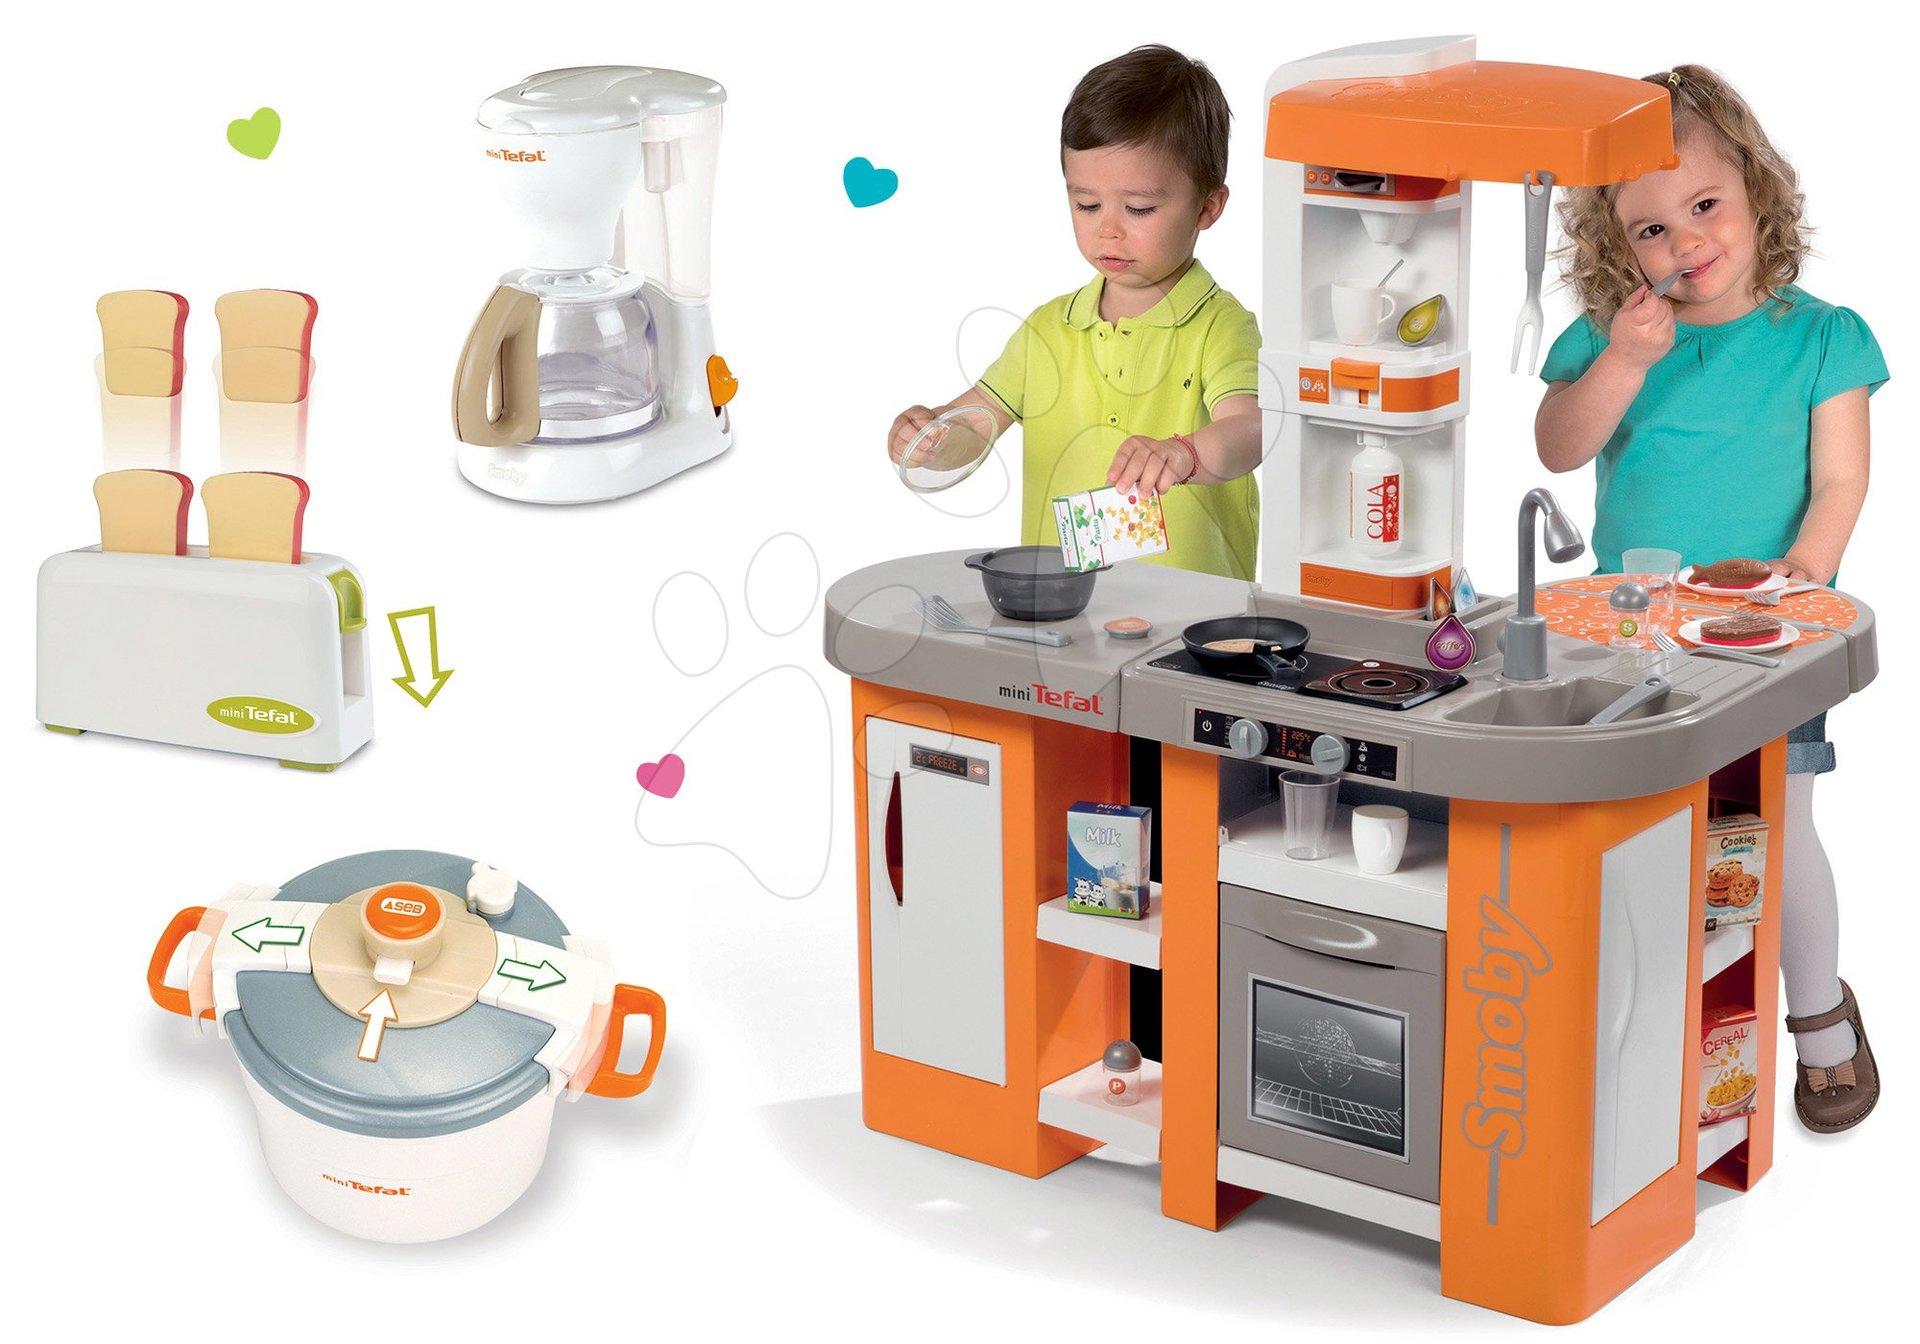 Kuchynky pre deti sety - Set kuchynka Tefal Studio XL Smoby so zvukmi a chladničkou a 3 kuchynské spotrebiče Tefal